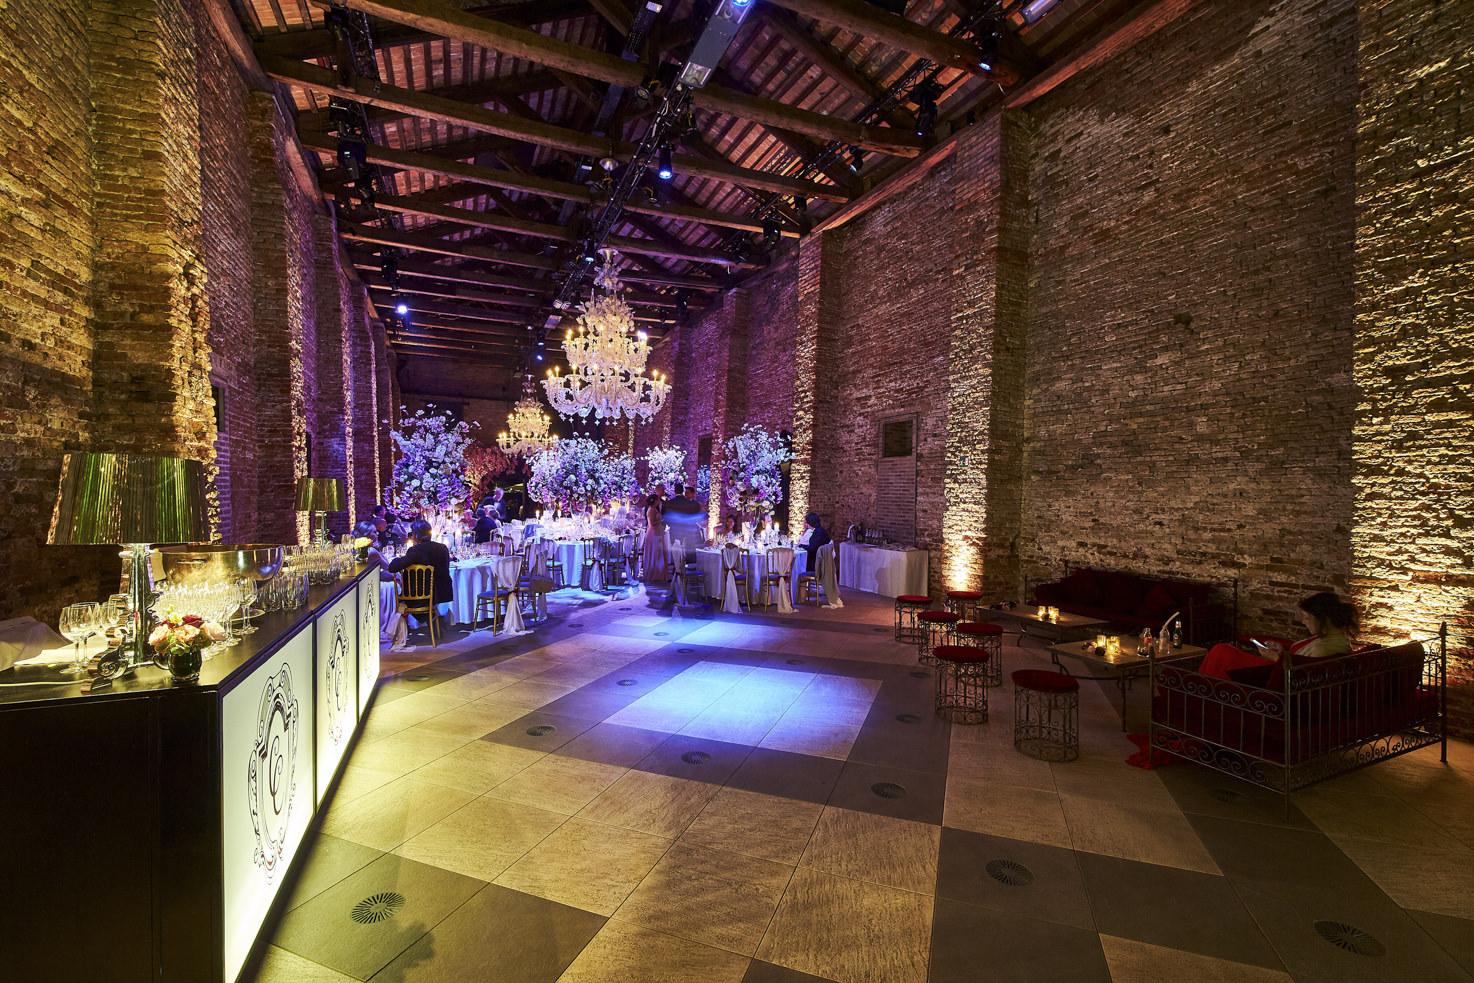 Open bar for wedding banquet